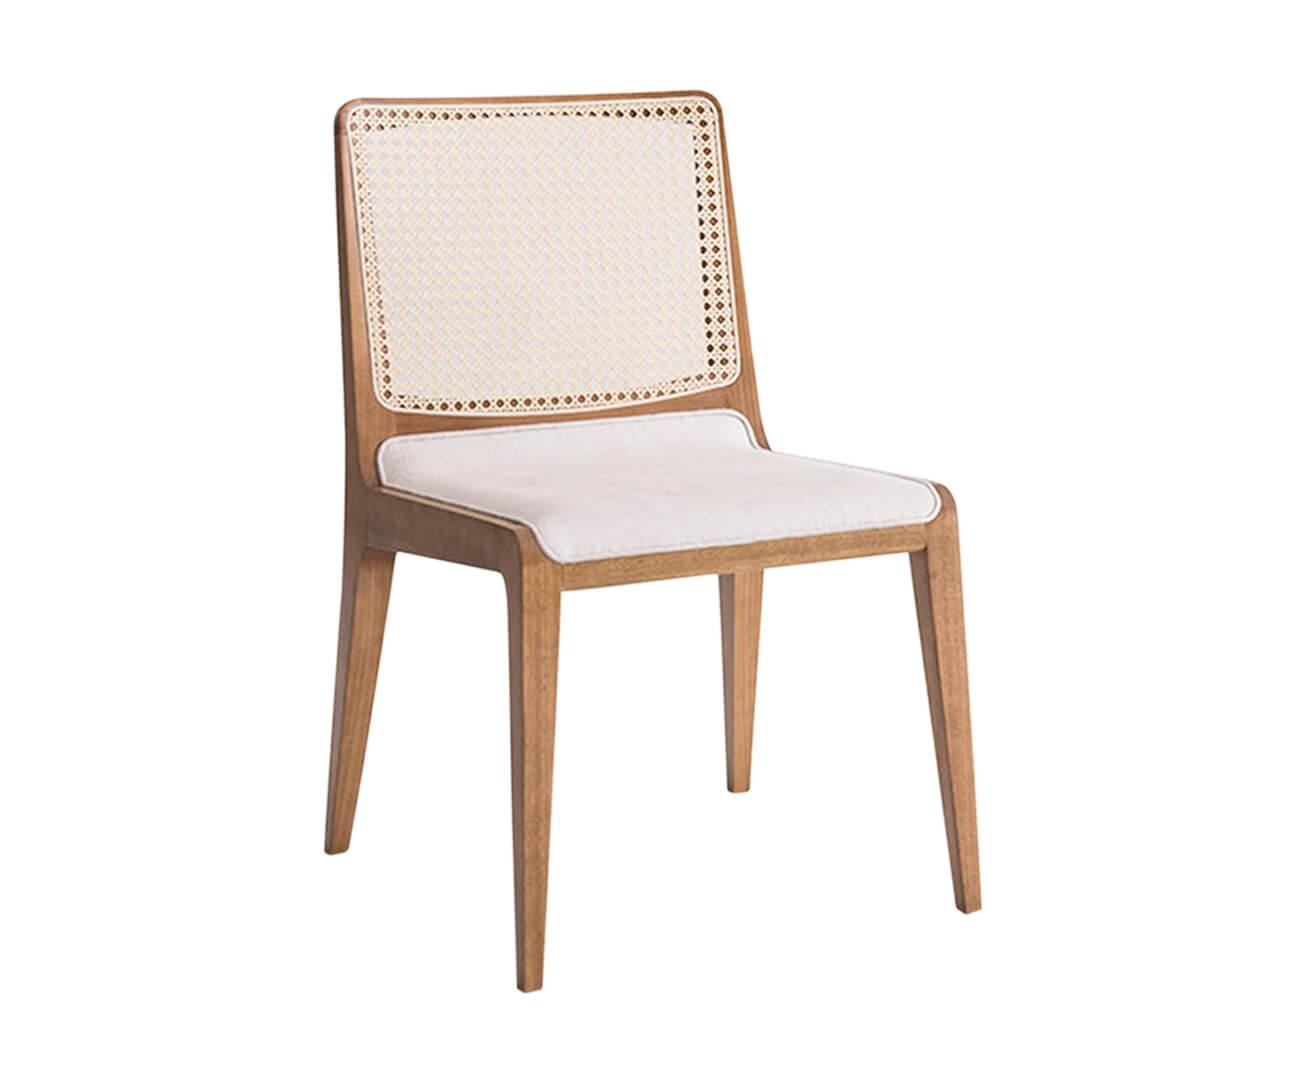 cadeira em palha natural amalfi 0945